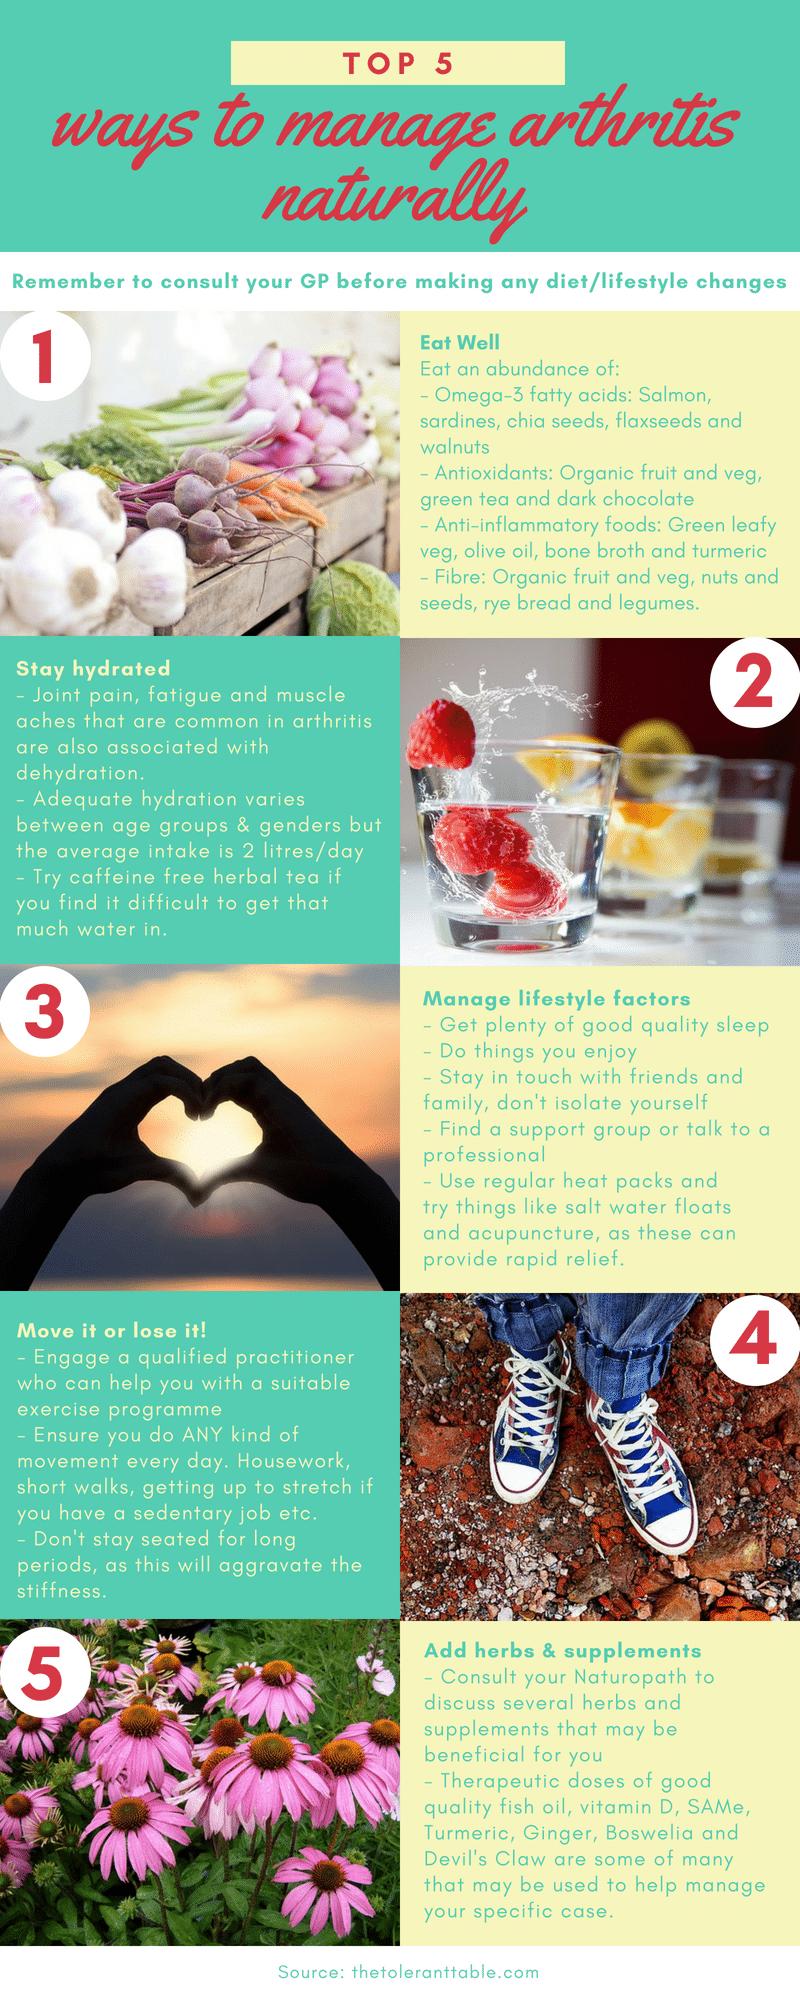 Top 5 ways to manage arthritis naturally